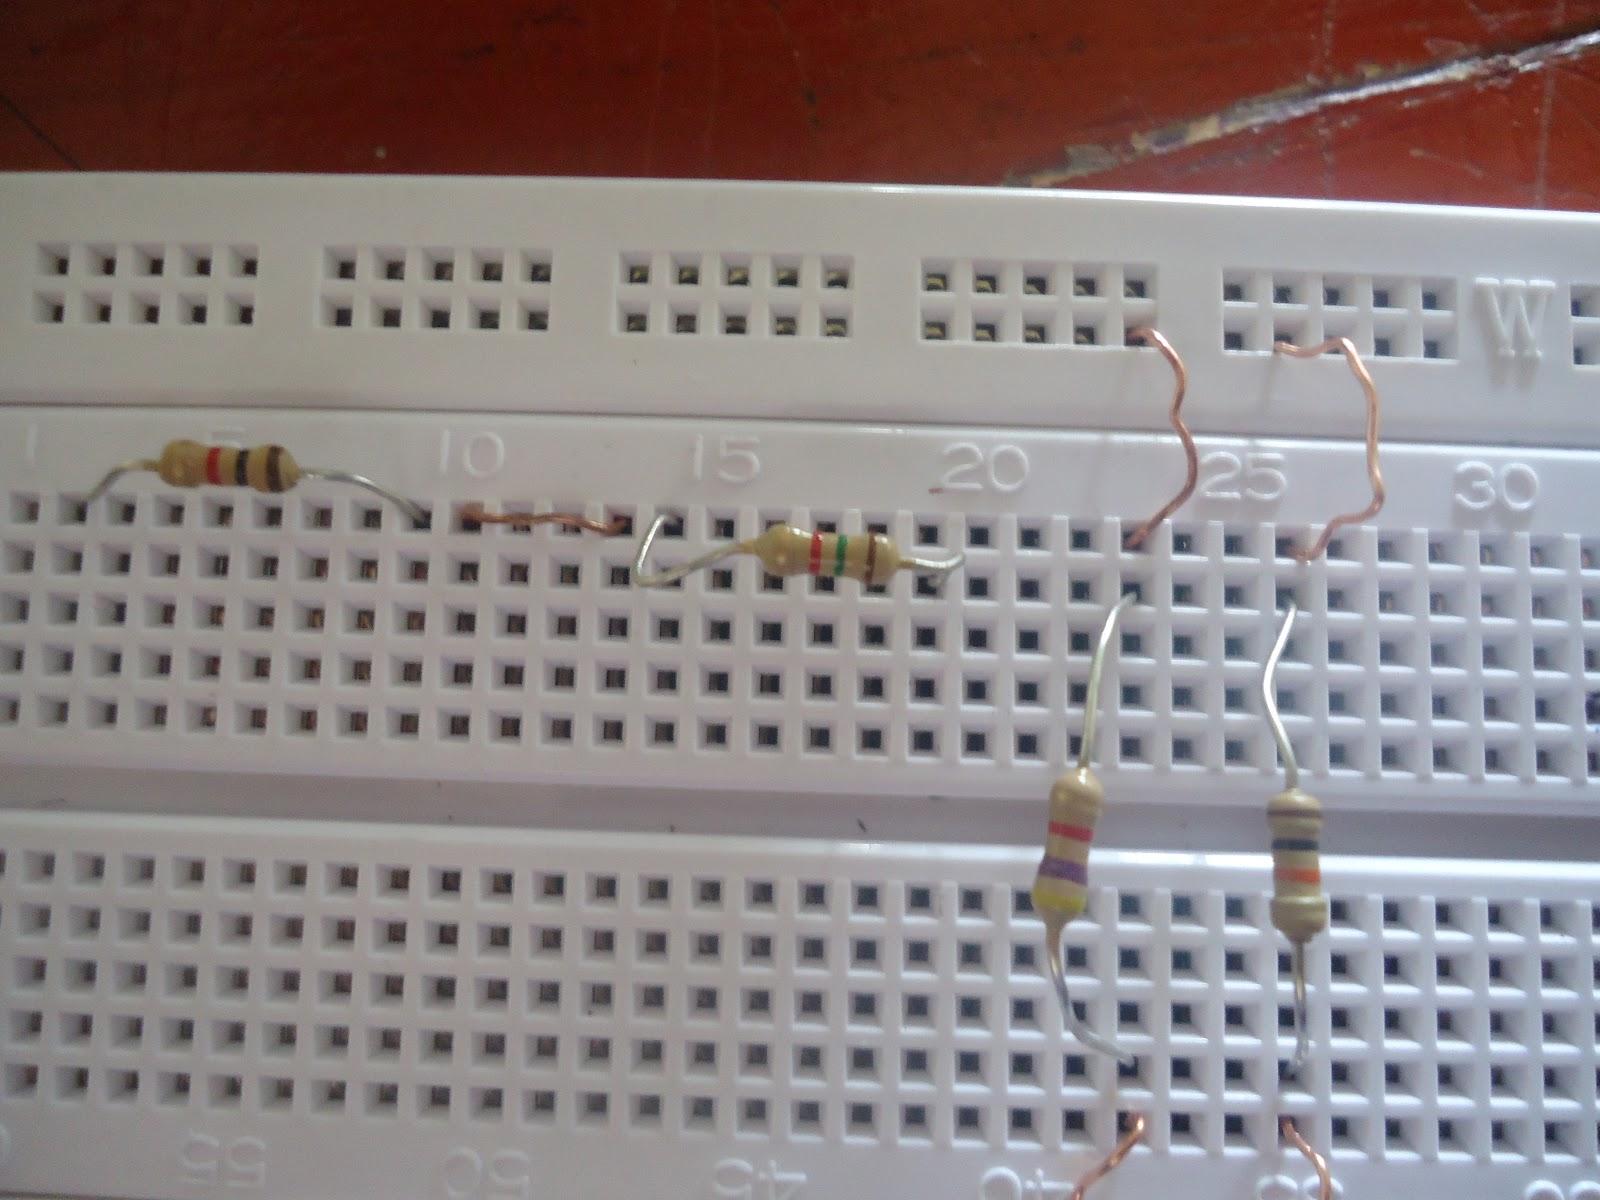 Circuito Seri E Paralelo : Modalidad informatica circuitos serie paralelo